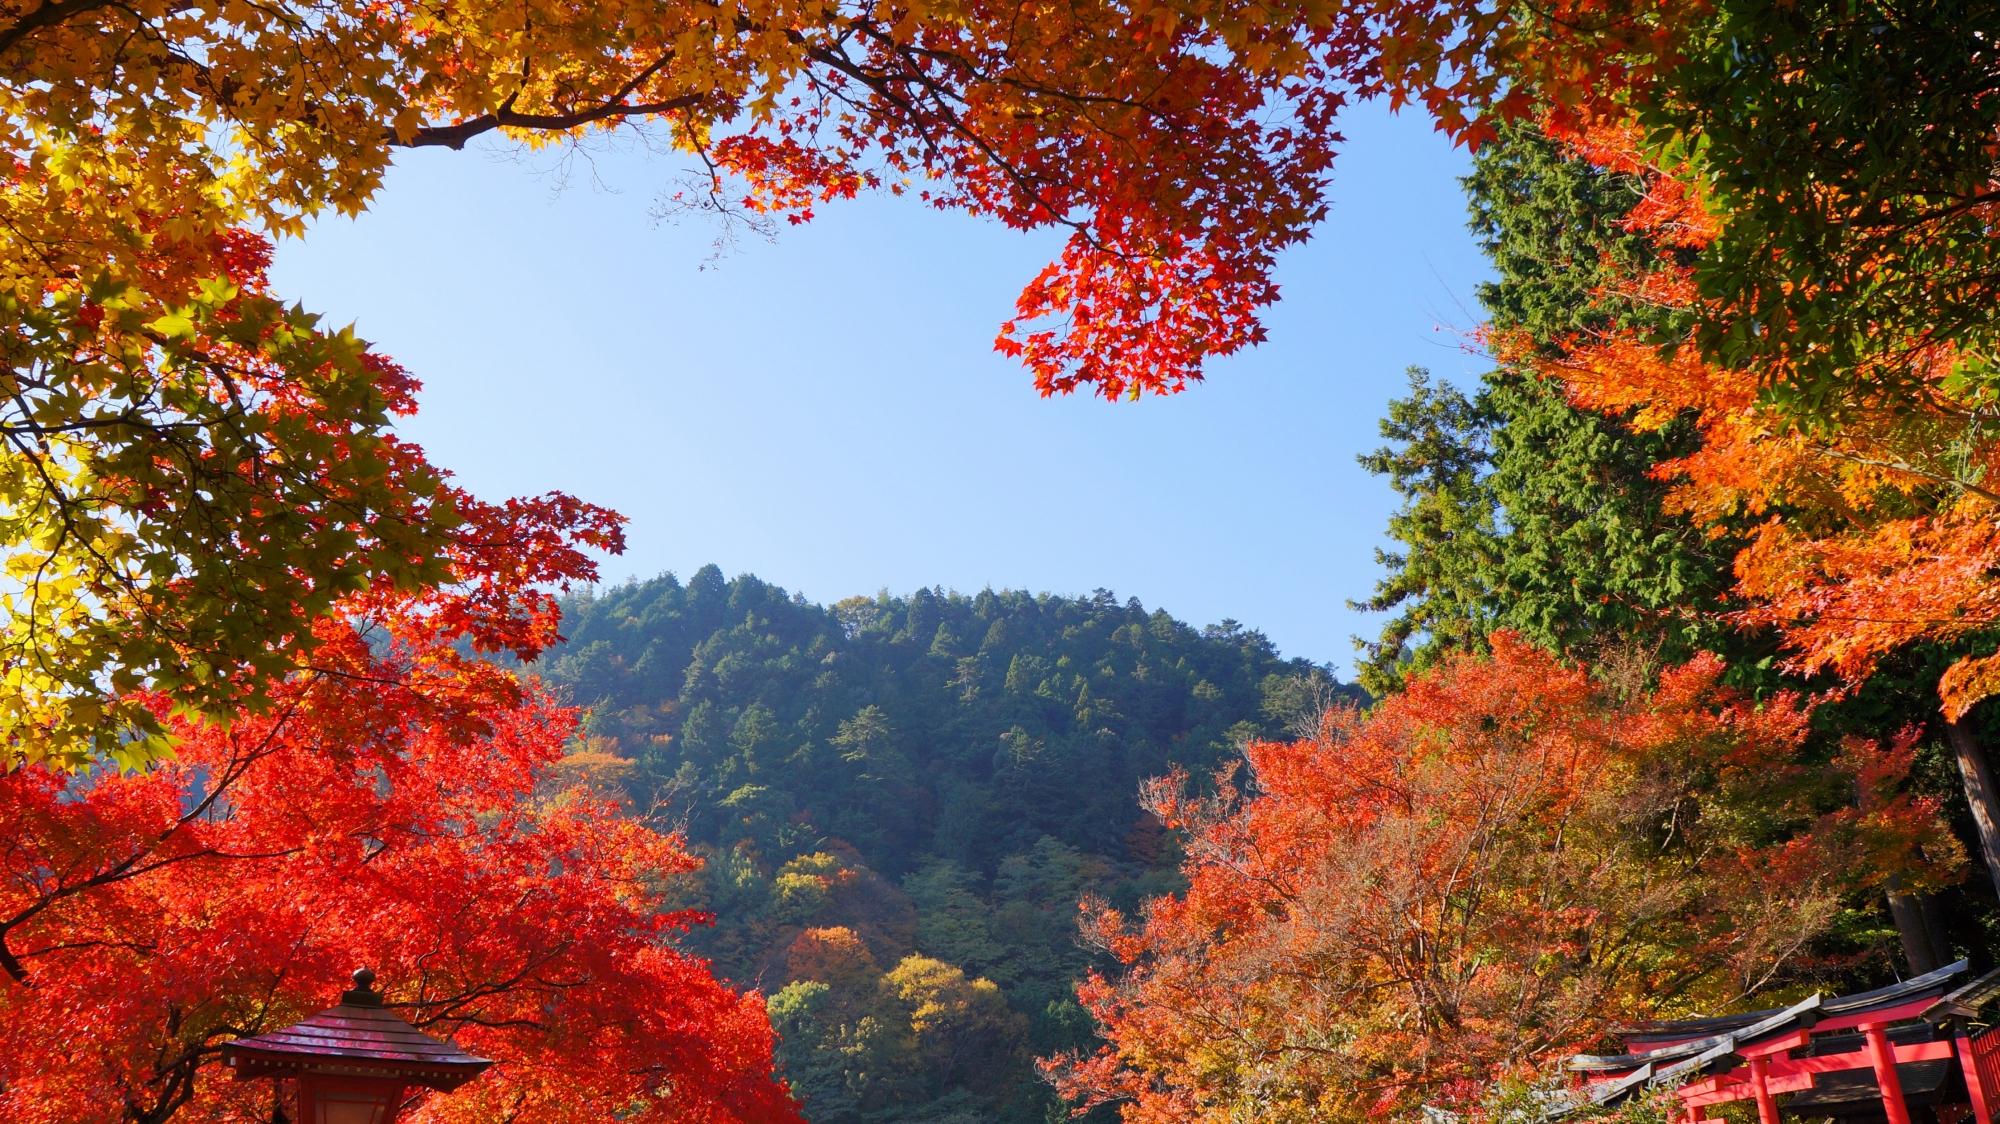 善峯寺の秋晴れと紅葉